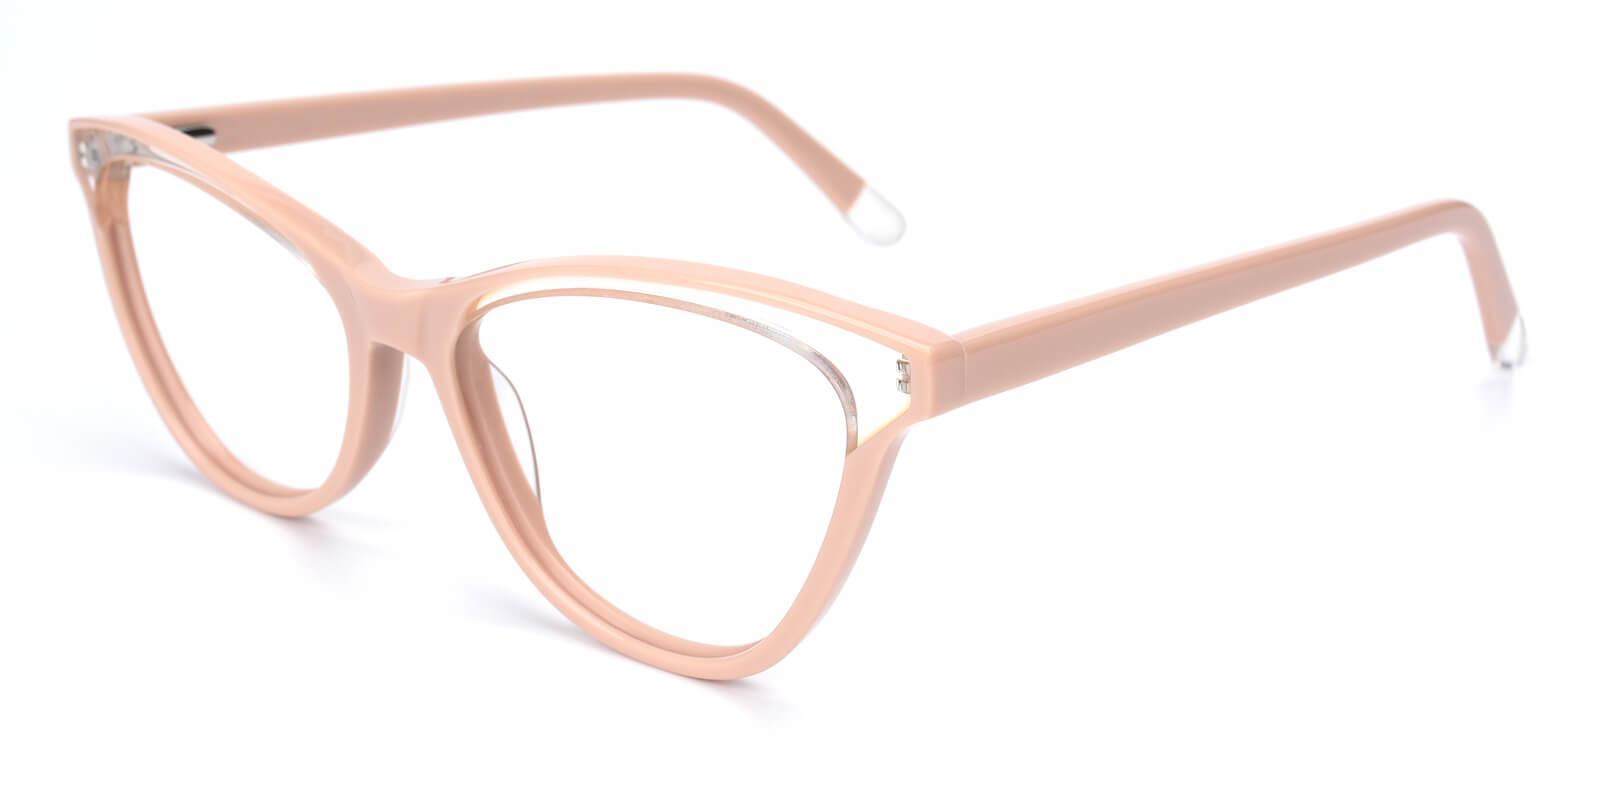 Florencer-Pink-Oval / Cat-Acetate-Eyeglasses-additional1